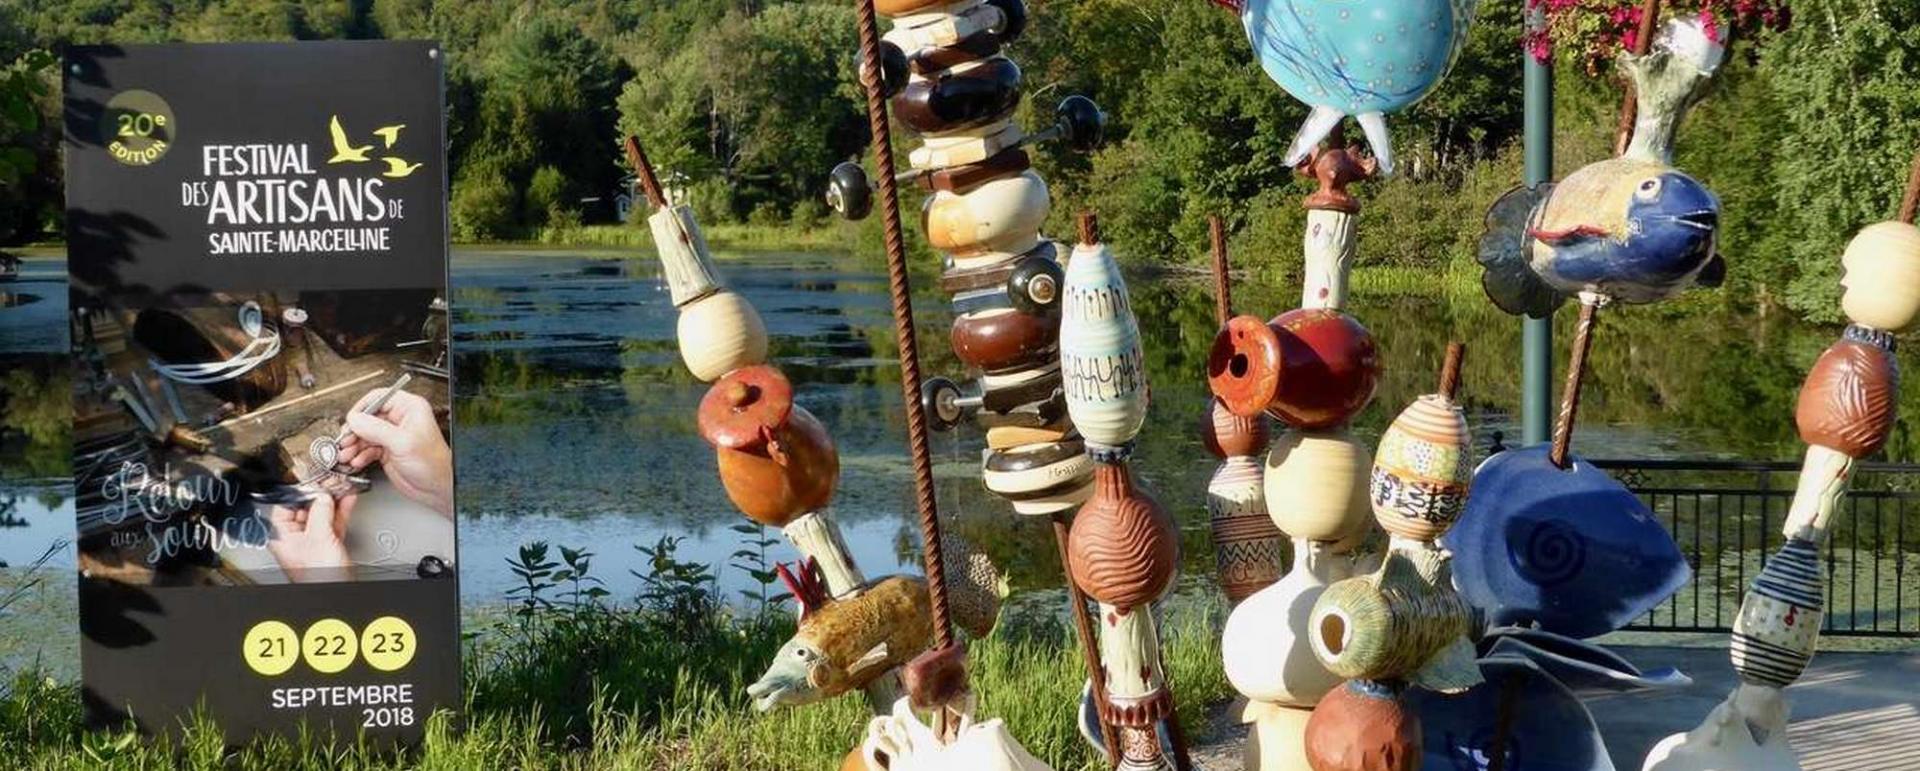 Festival des artisans, Sainte-Marcelline